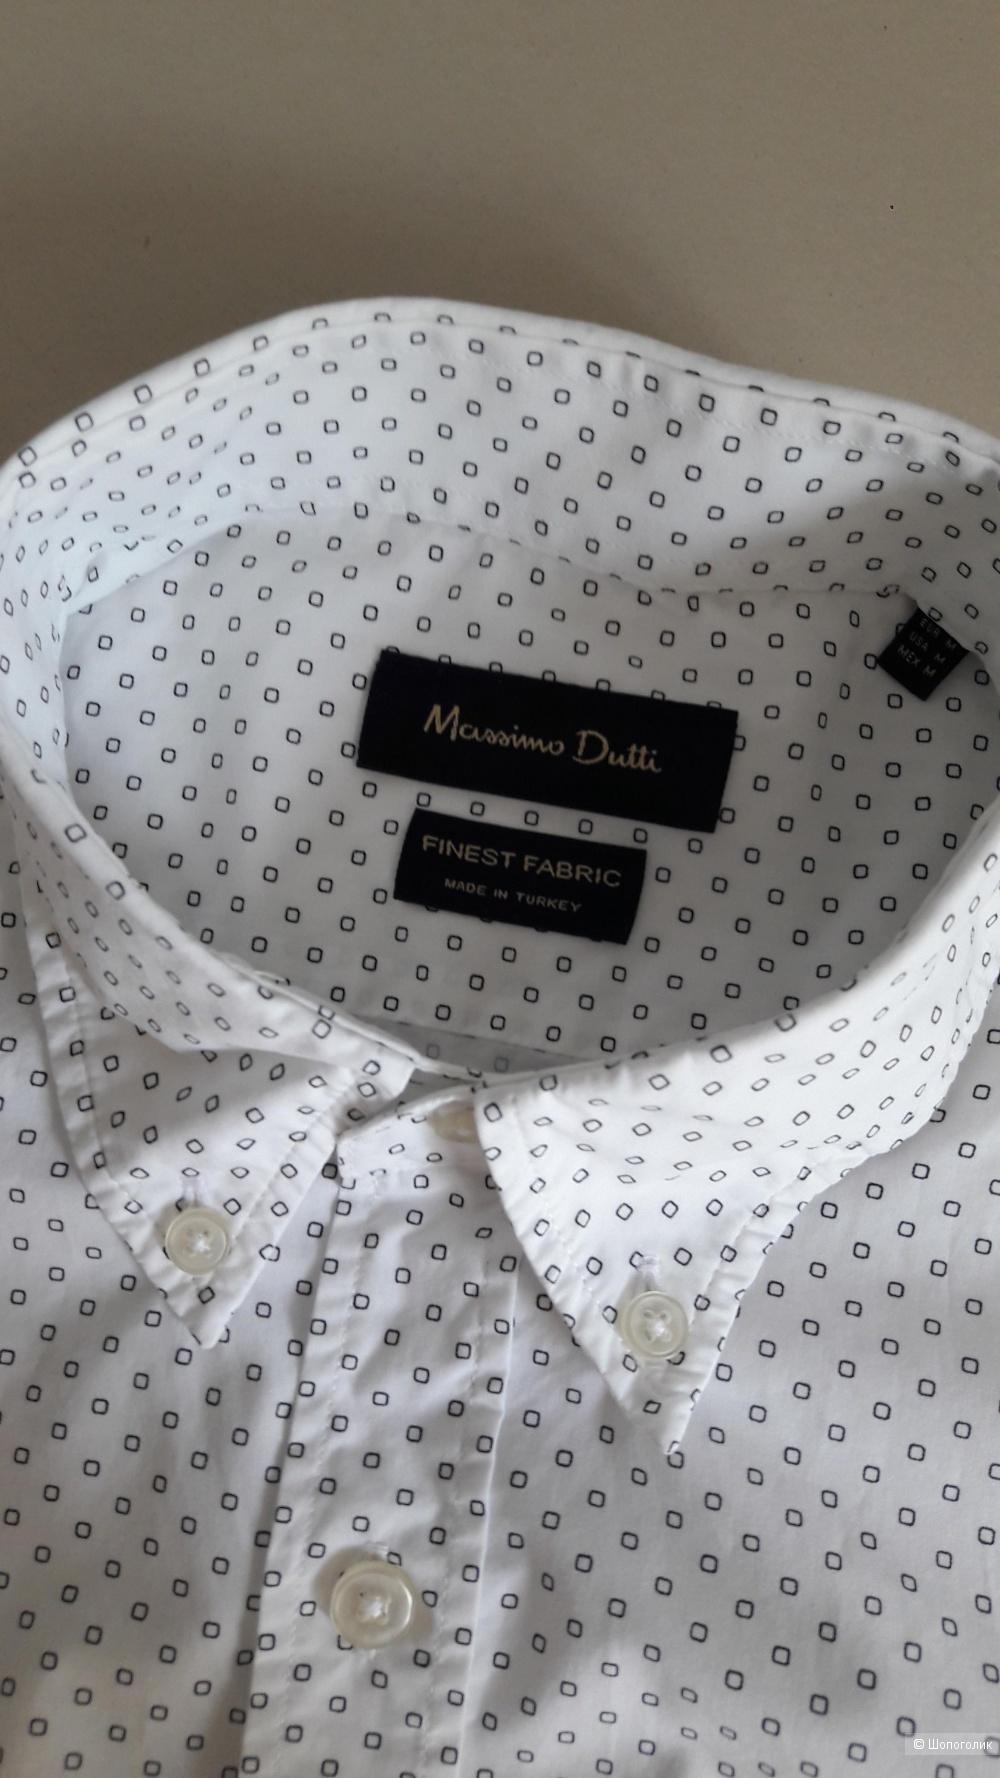 Рубашка Massimo Dutti. размер M